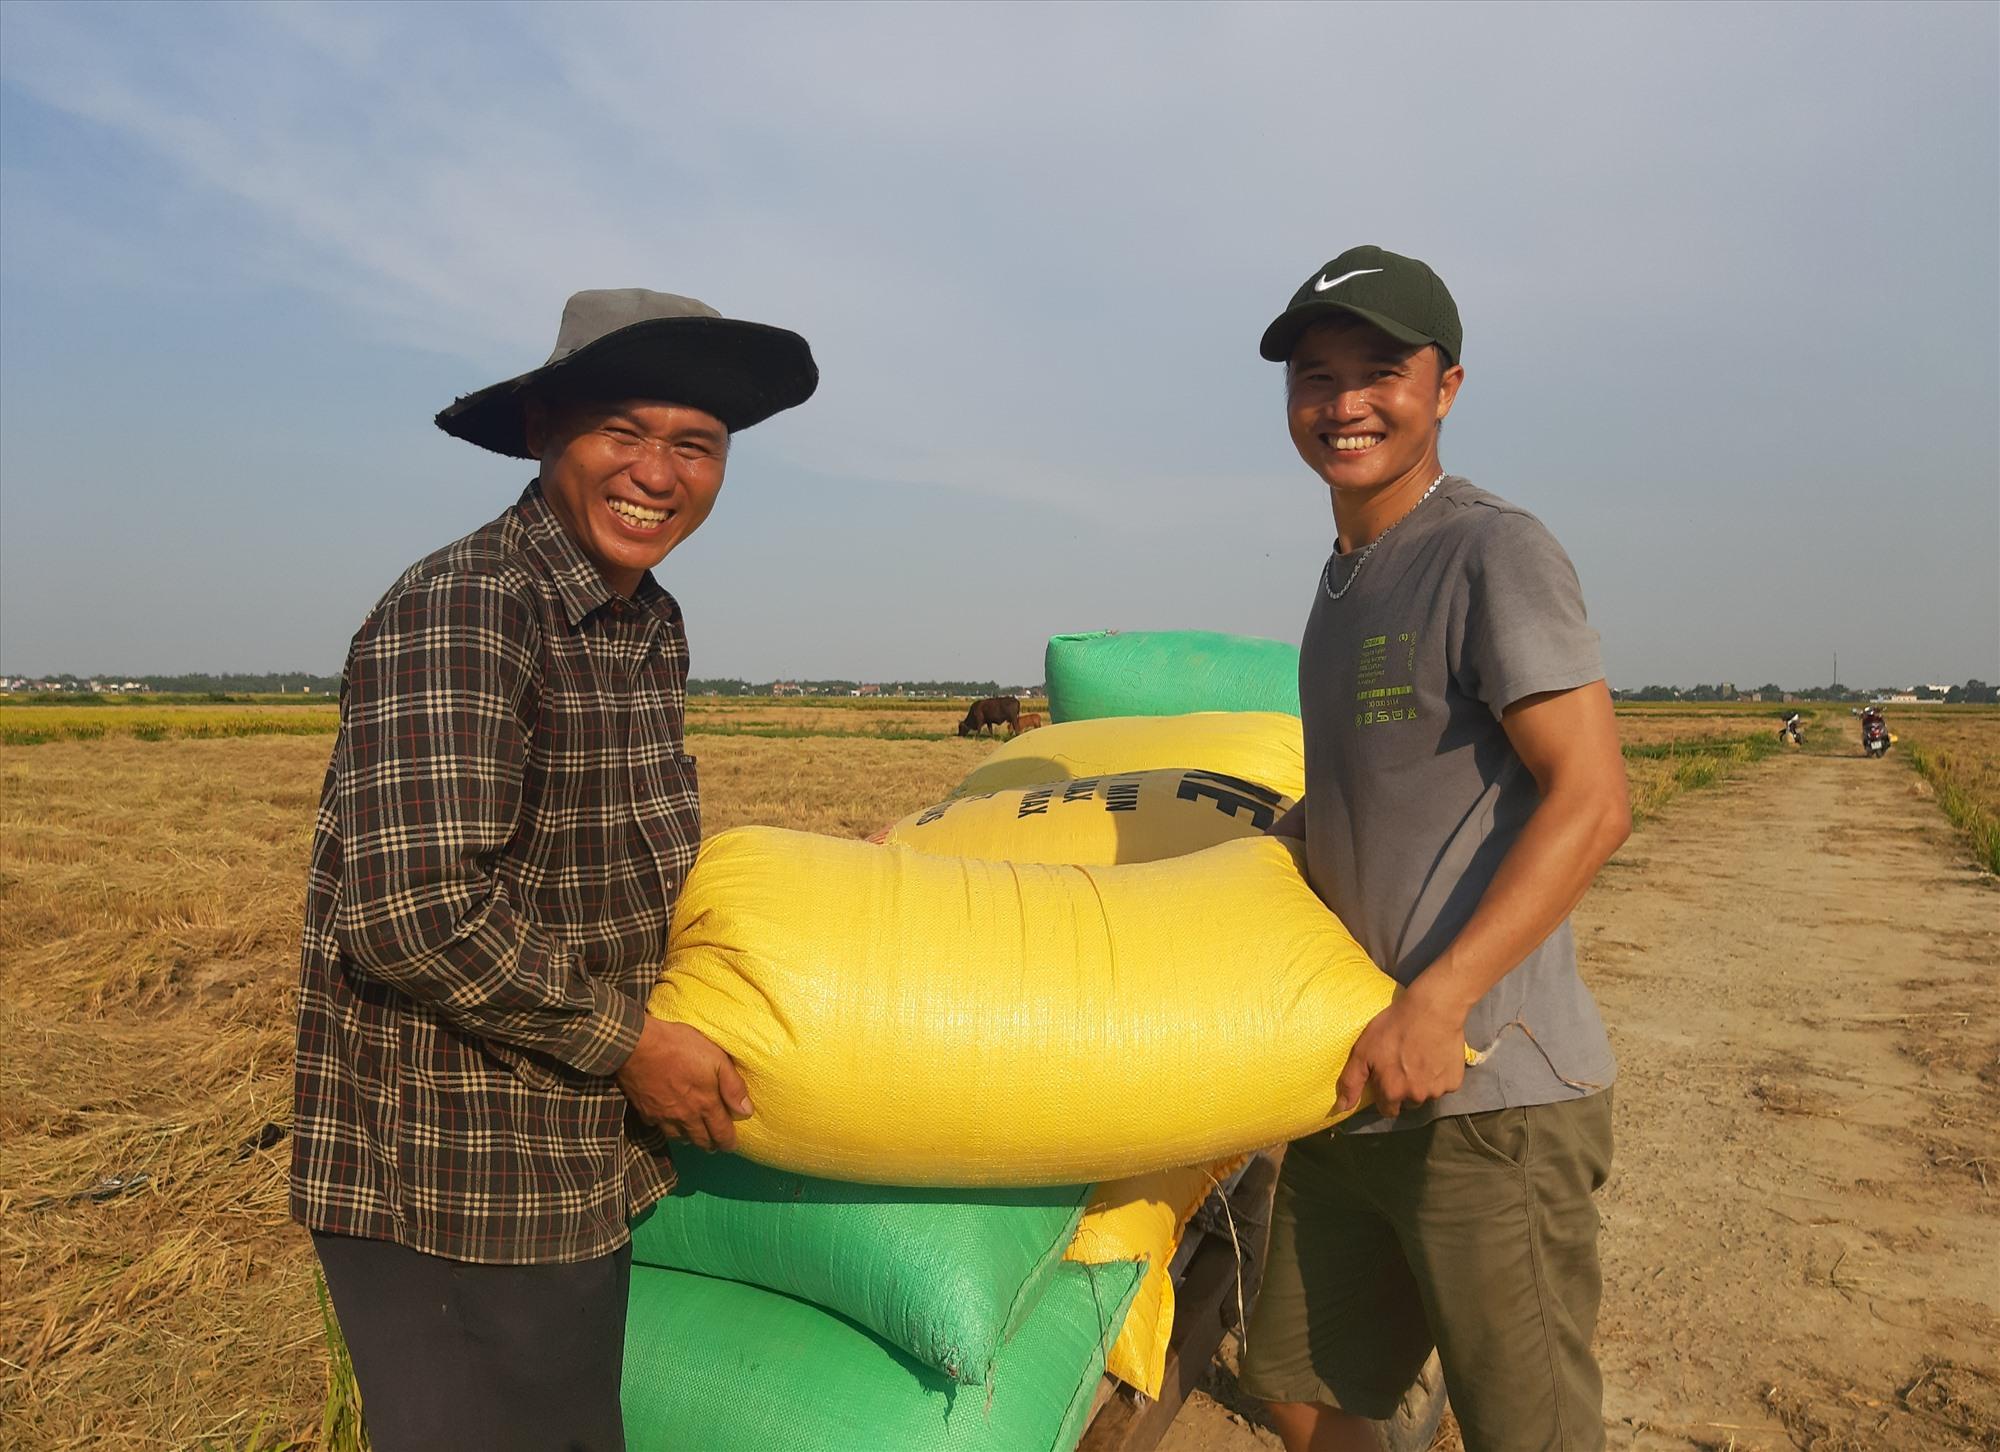 Sau khi thu hoạch, rất nhiều hộ dân chở nếp tươi đến những điểm tập kết cân bán cho tư thương từ các tỉnh phía Nam ra thu mua với mức giá 6.000 - 6.500 đồng/kg. Ảnh: T.R